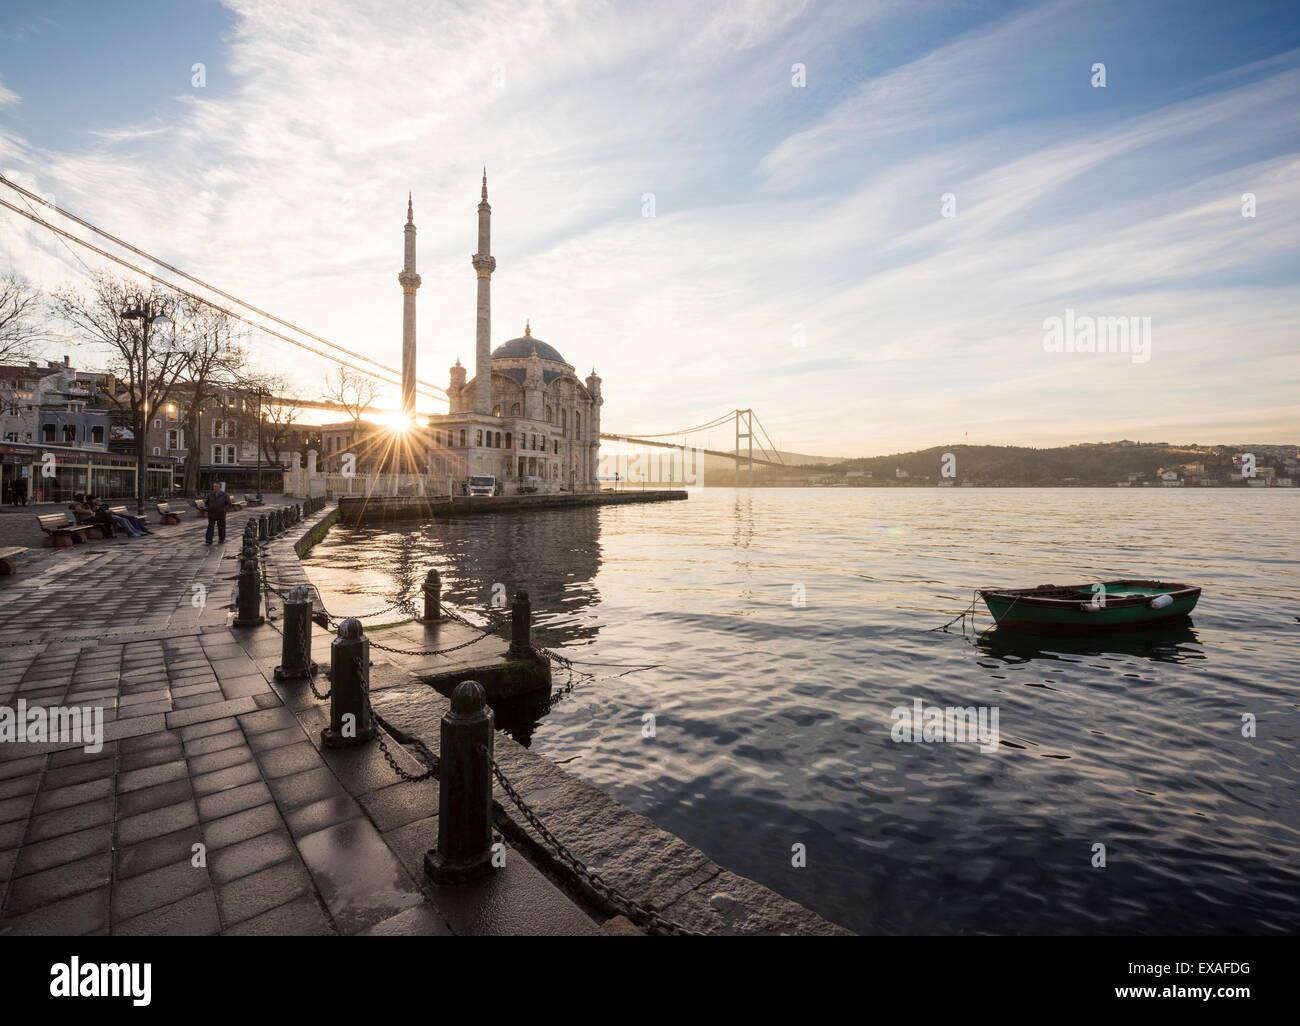 Esterno della Moschea Ortakoy e Ponte sul Bosforo all'alba, Ortakoy, Istanbul, Turchia, Europa Immagini Stock